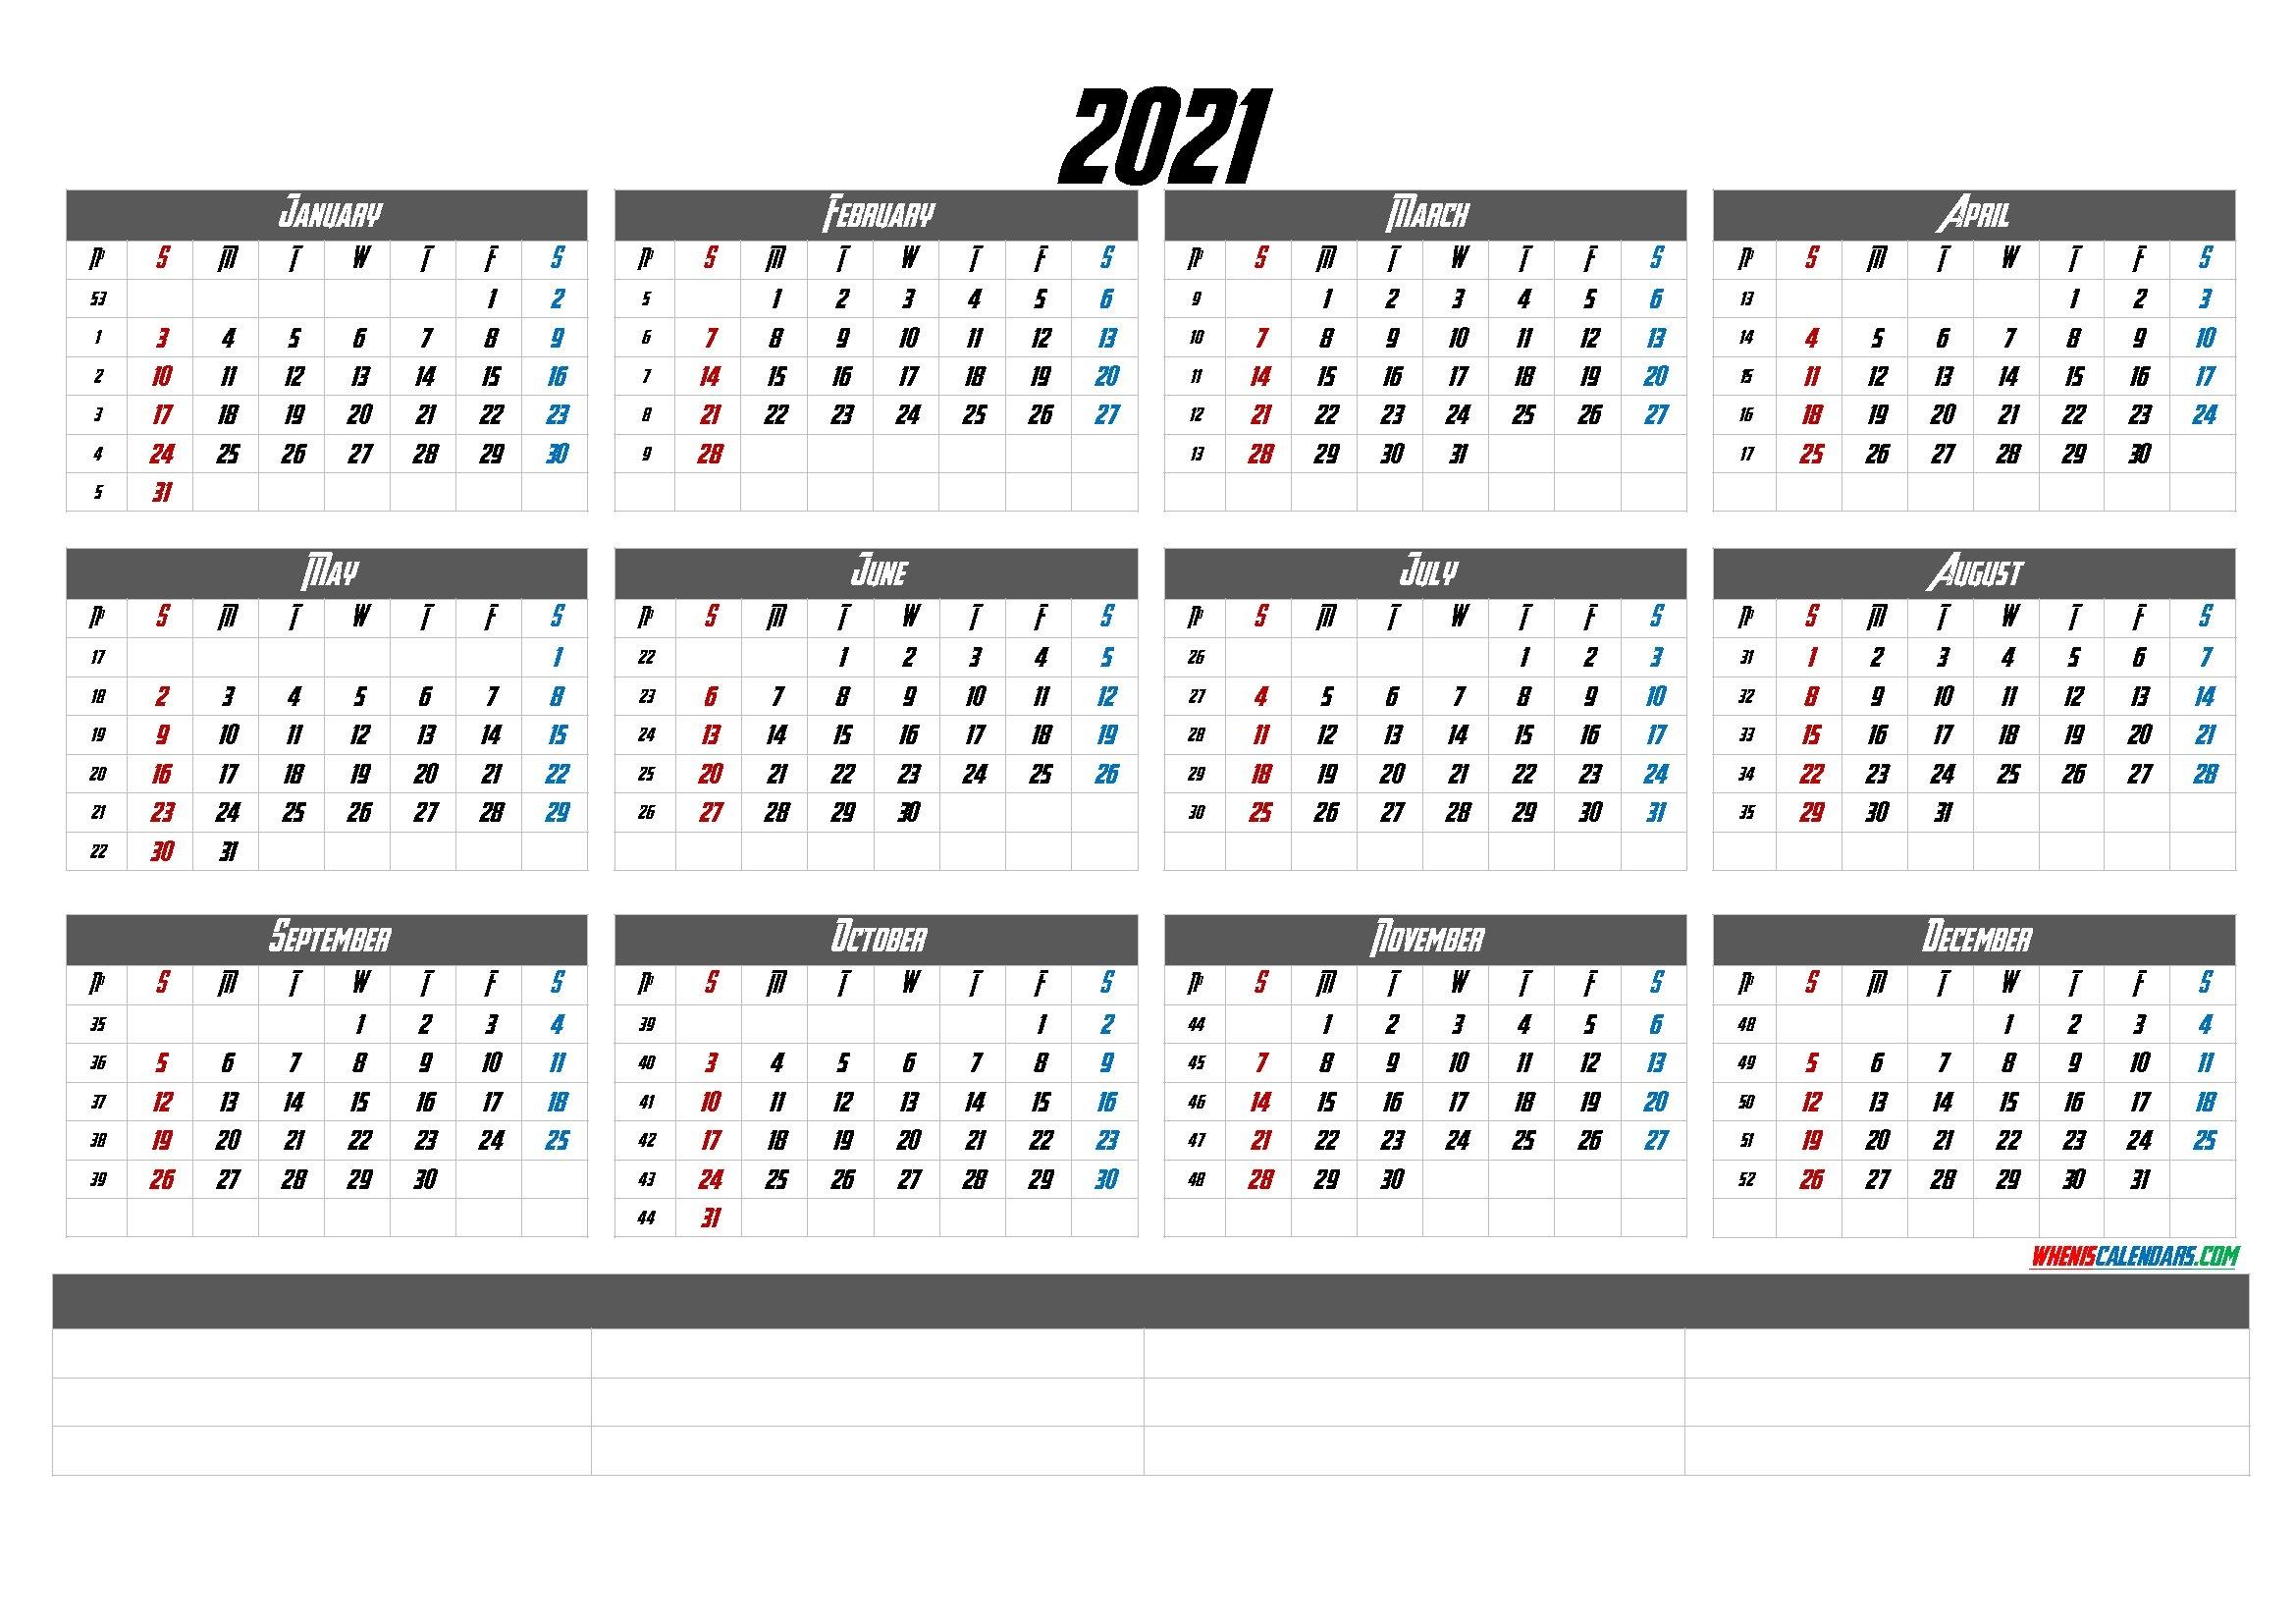 2021 Calendar With Week Numbers Printable (6 Templates) in Calendar For Year 2021 With Weeks Numbered